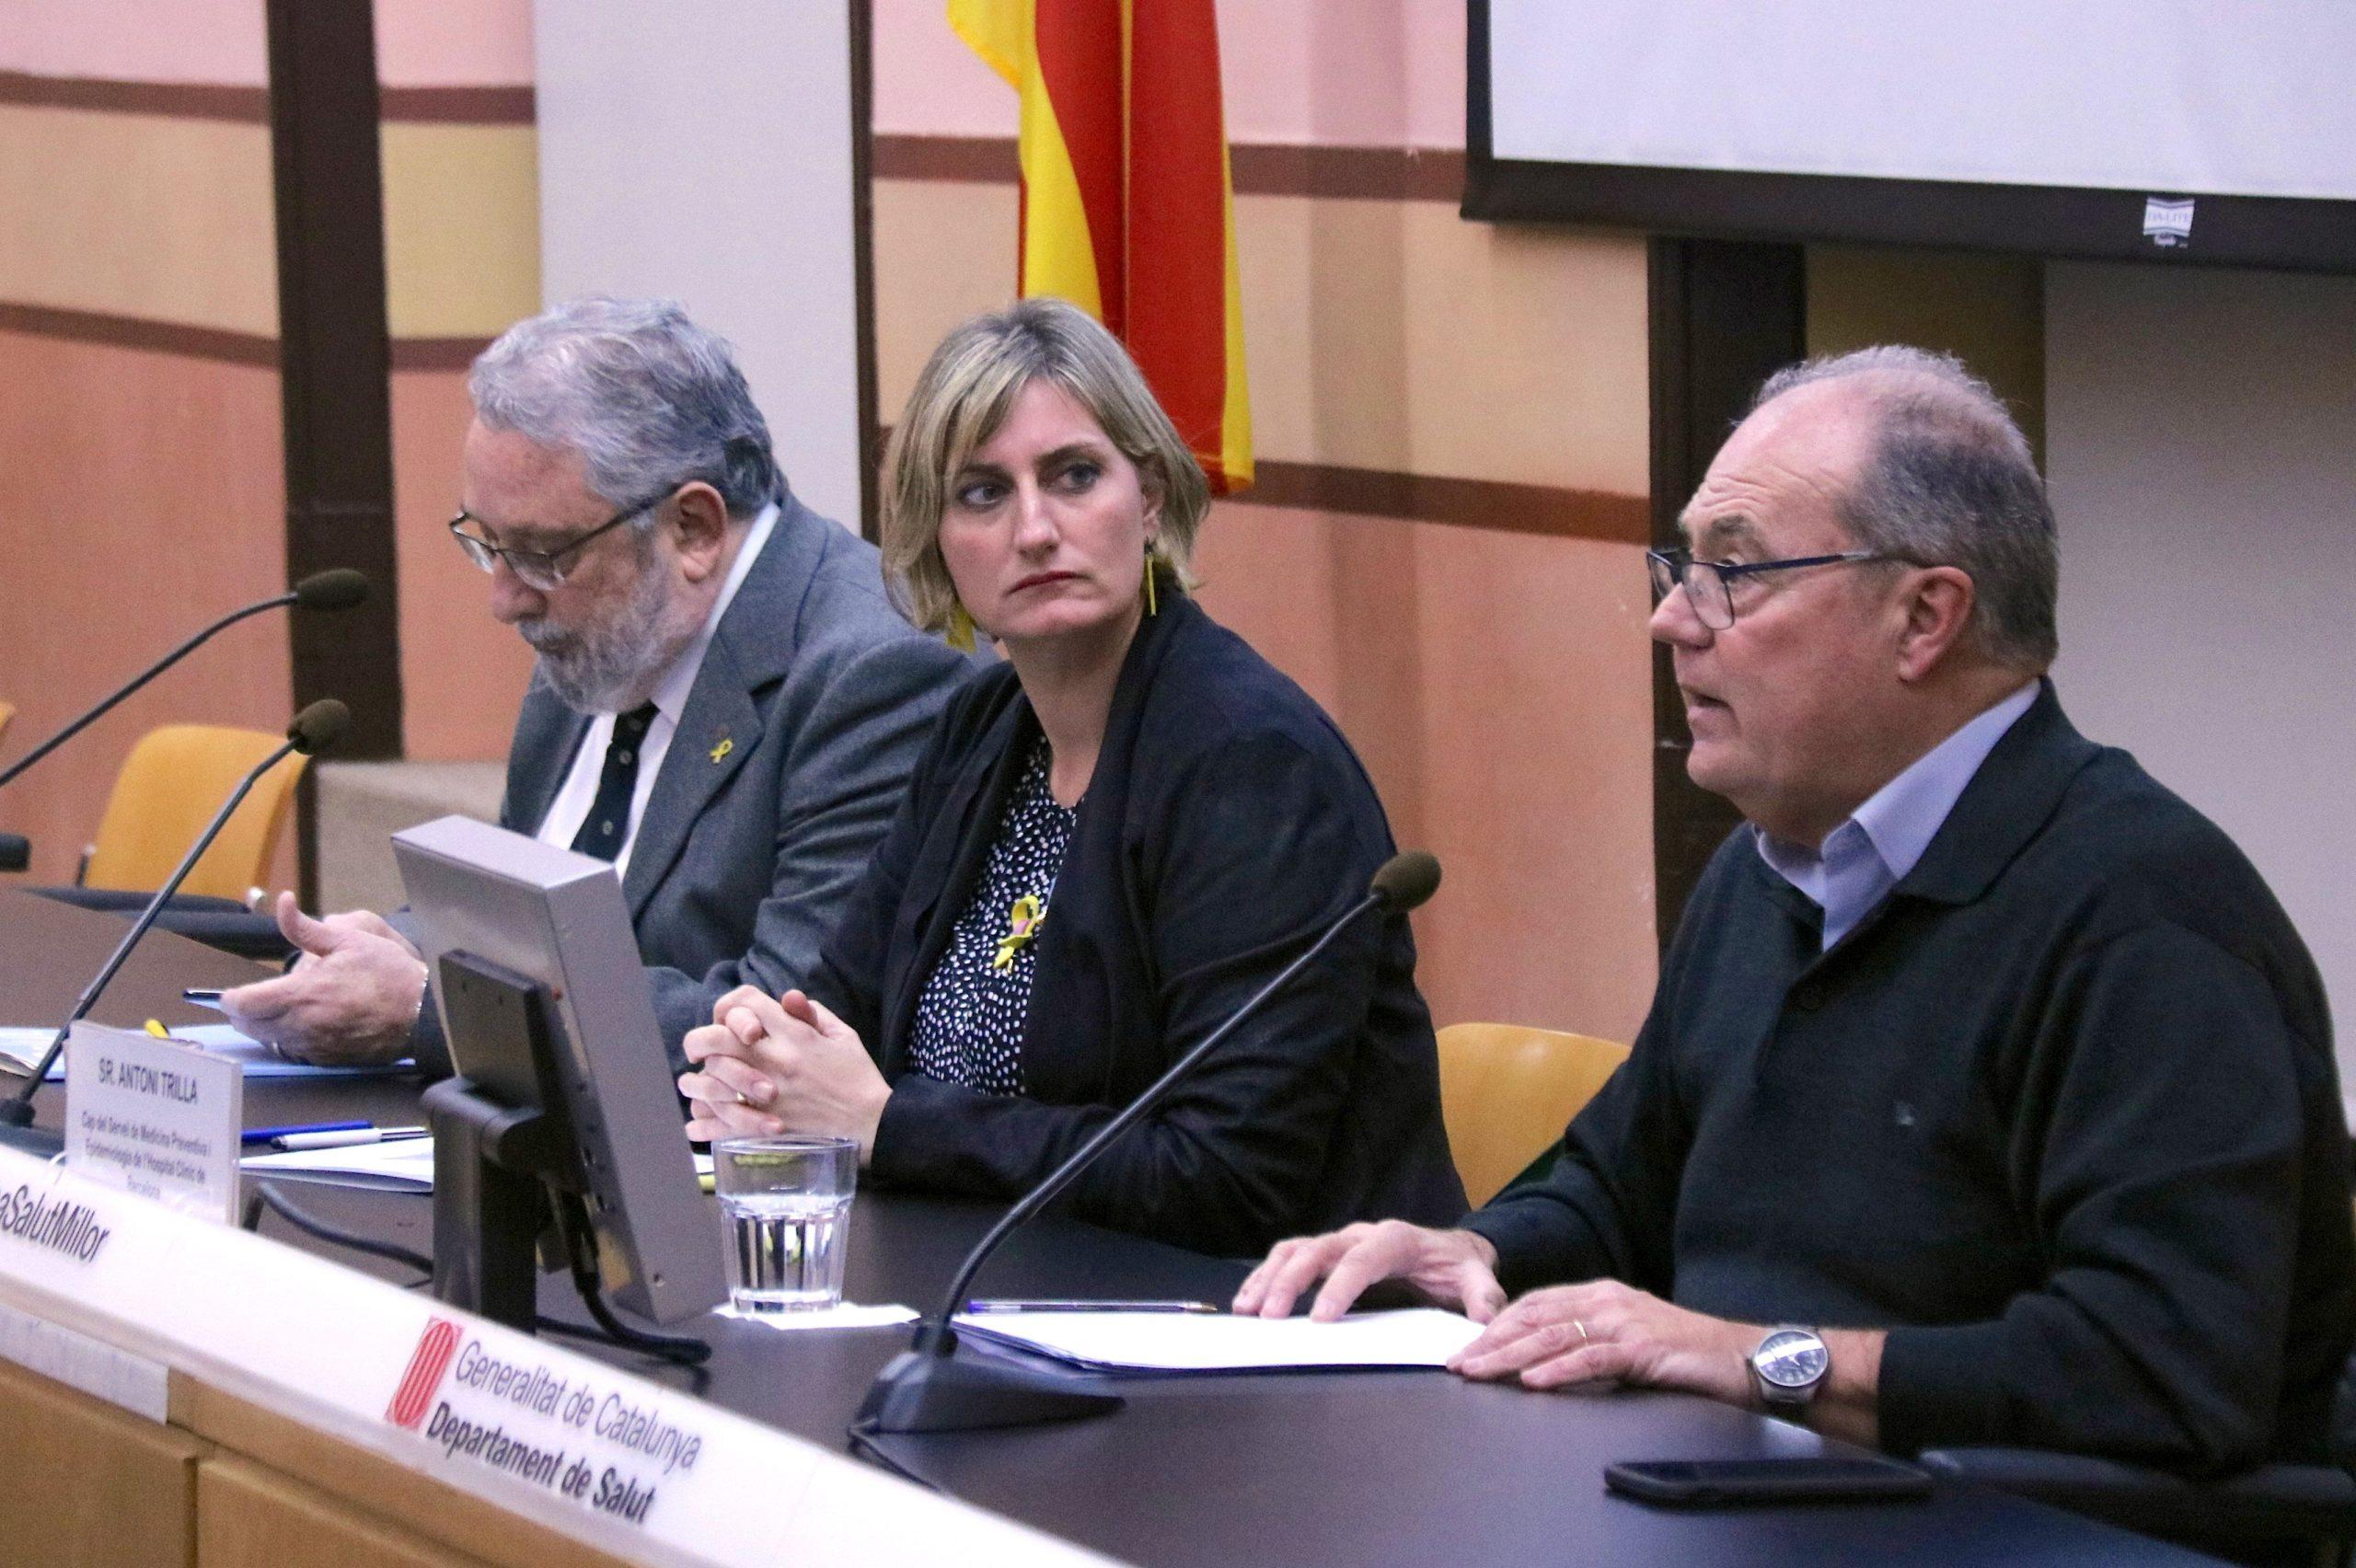 El secretari de Salut Pública, Joan Guix; la consellera de Salut, Alba Vergés, i el cap del Servei de Medicina Preventiva i Epidemiologia de l'Hospital Clínic de Barcelona, Antoni Trilla / ACN